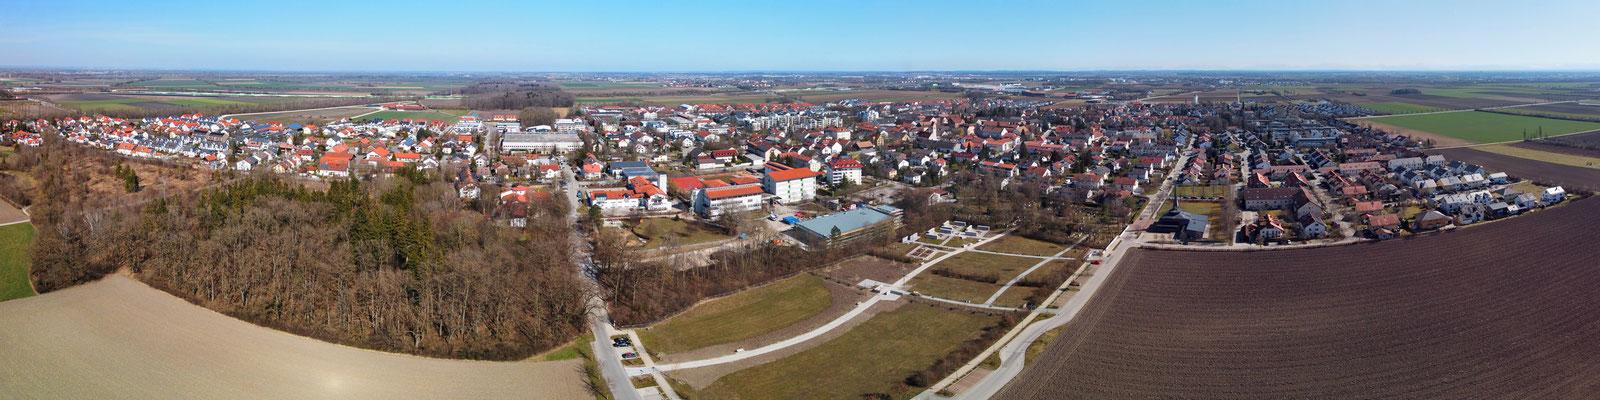 Panorama - Drohnenfoto - Luftaufnahme - Landschaft - Städte - Aschheim